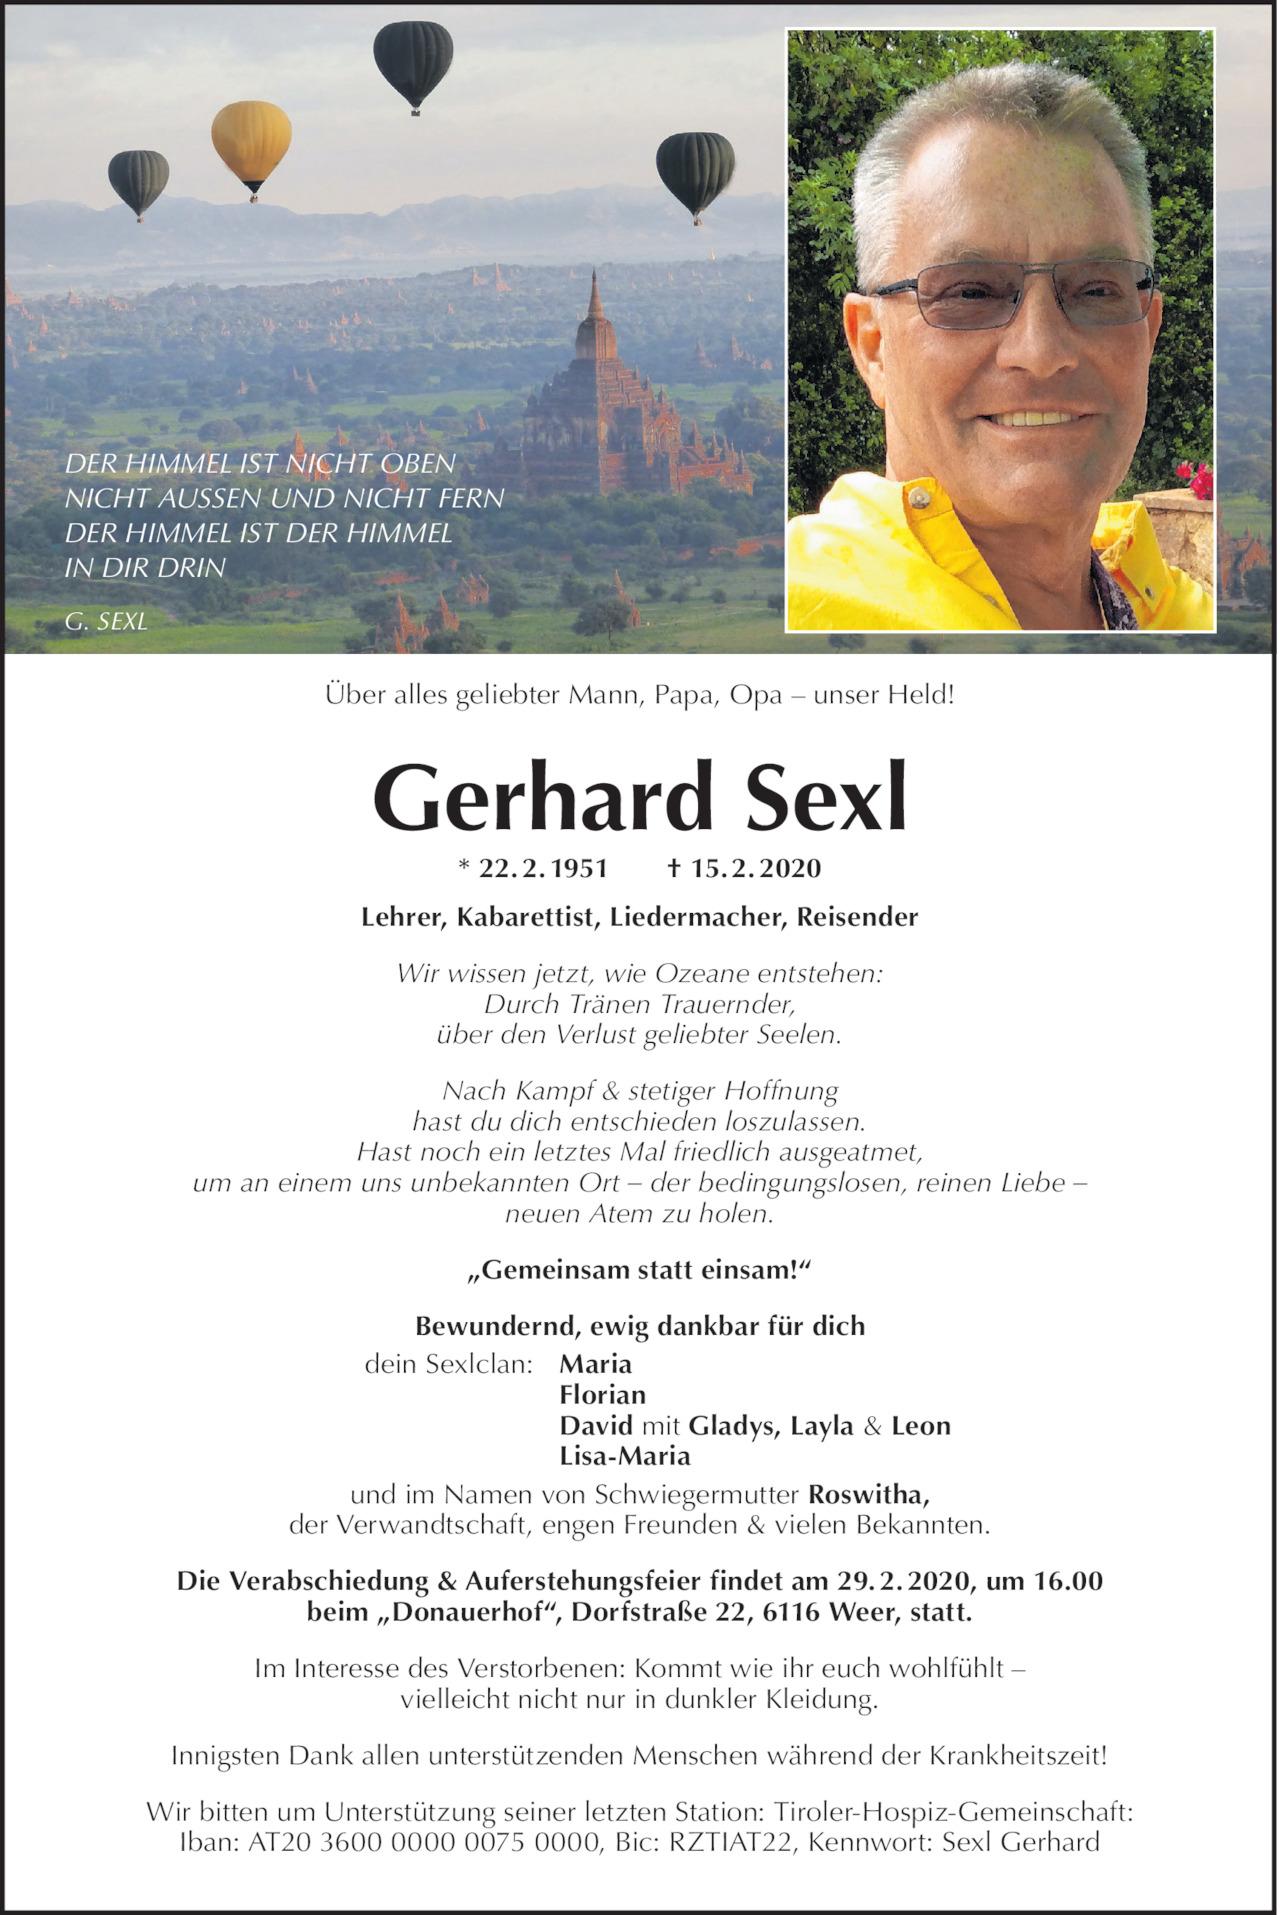 Gerhard Sexl Bild